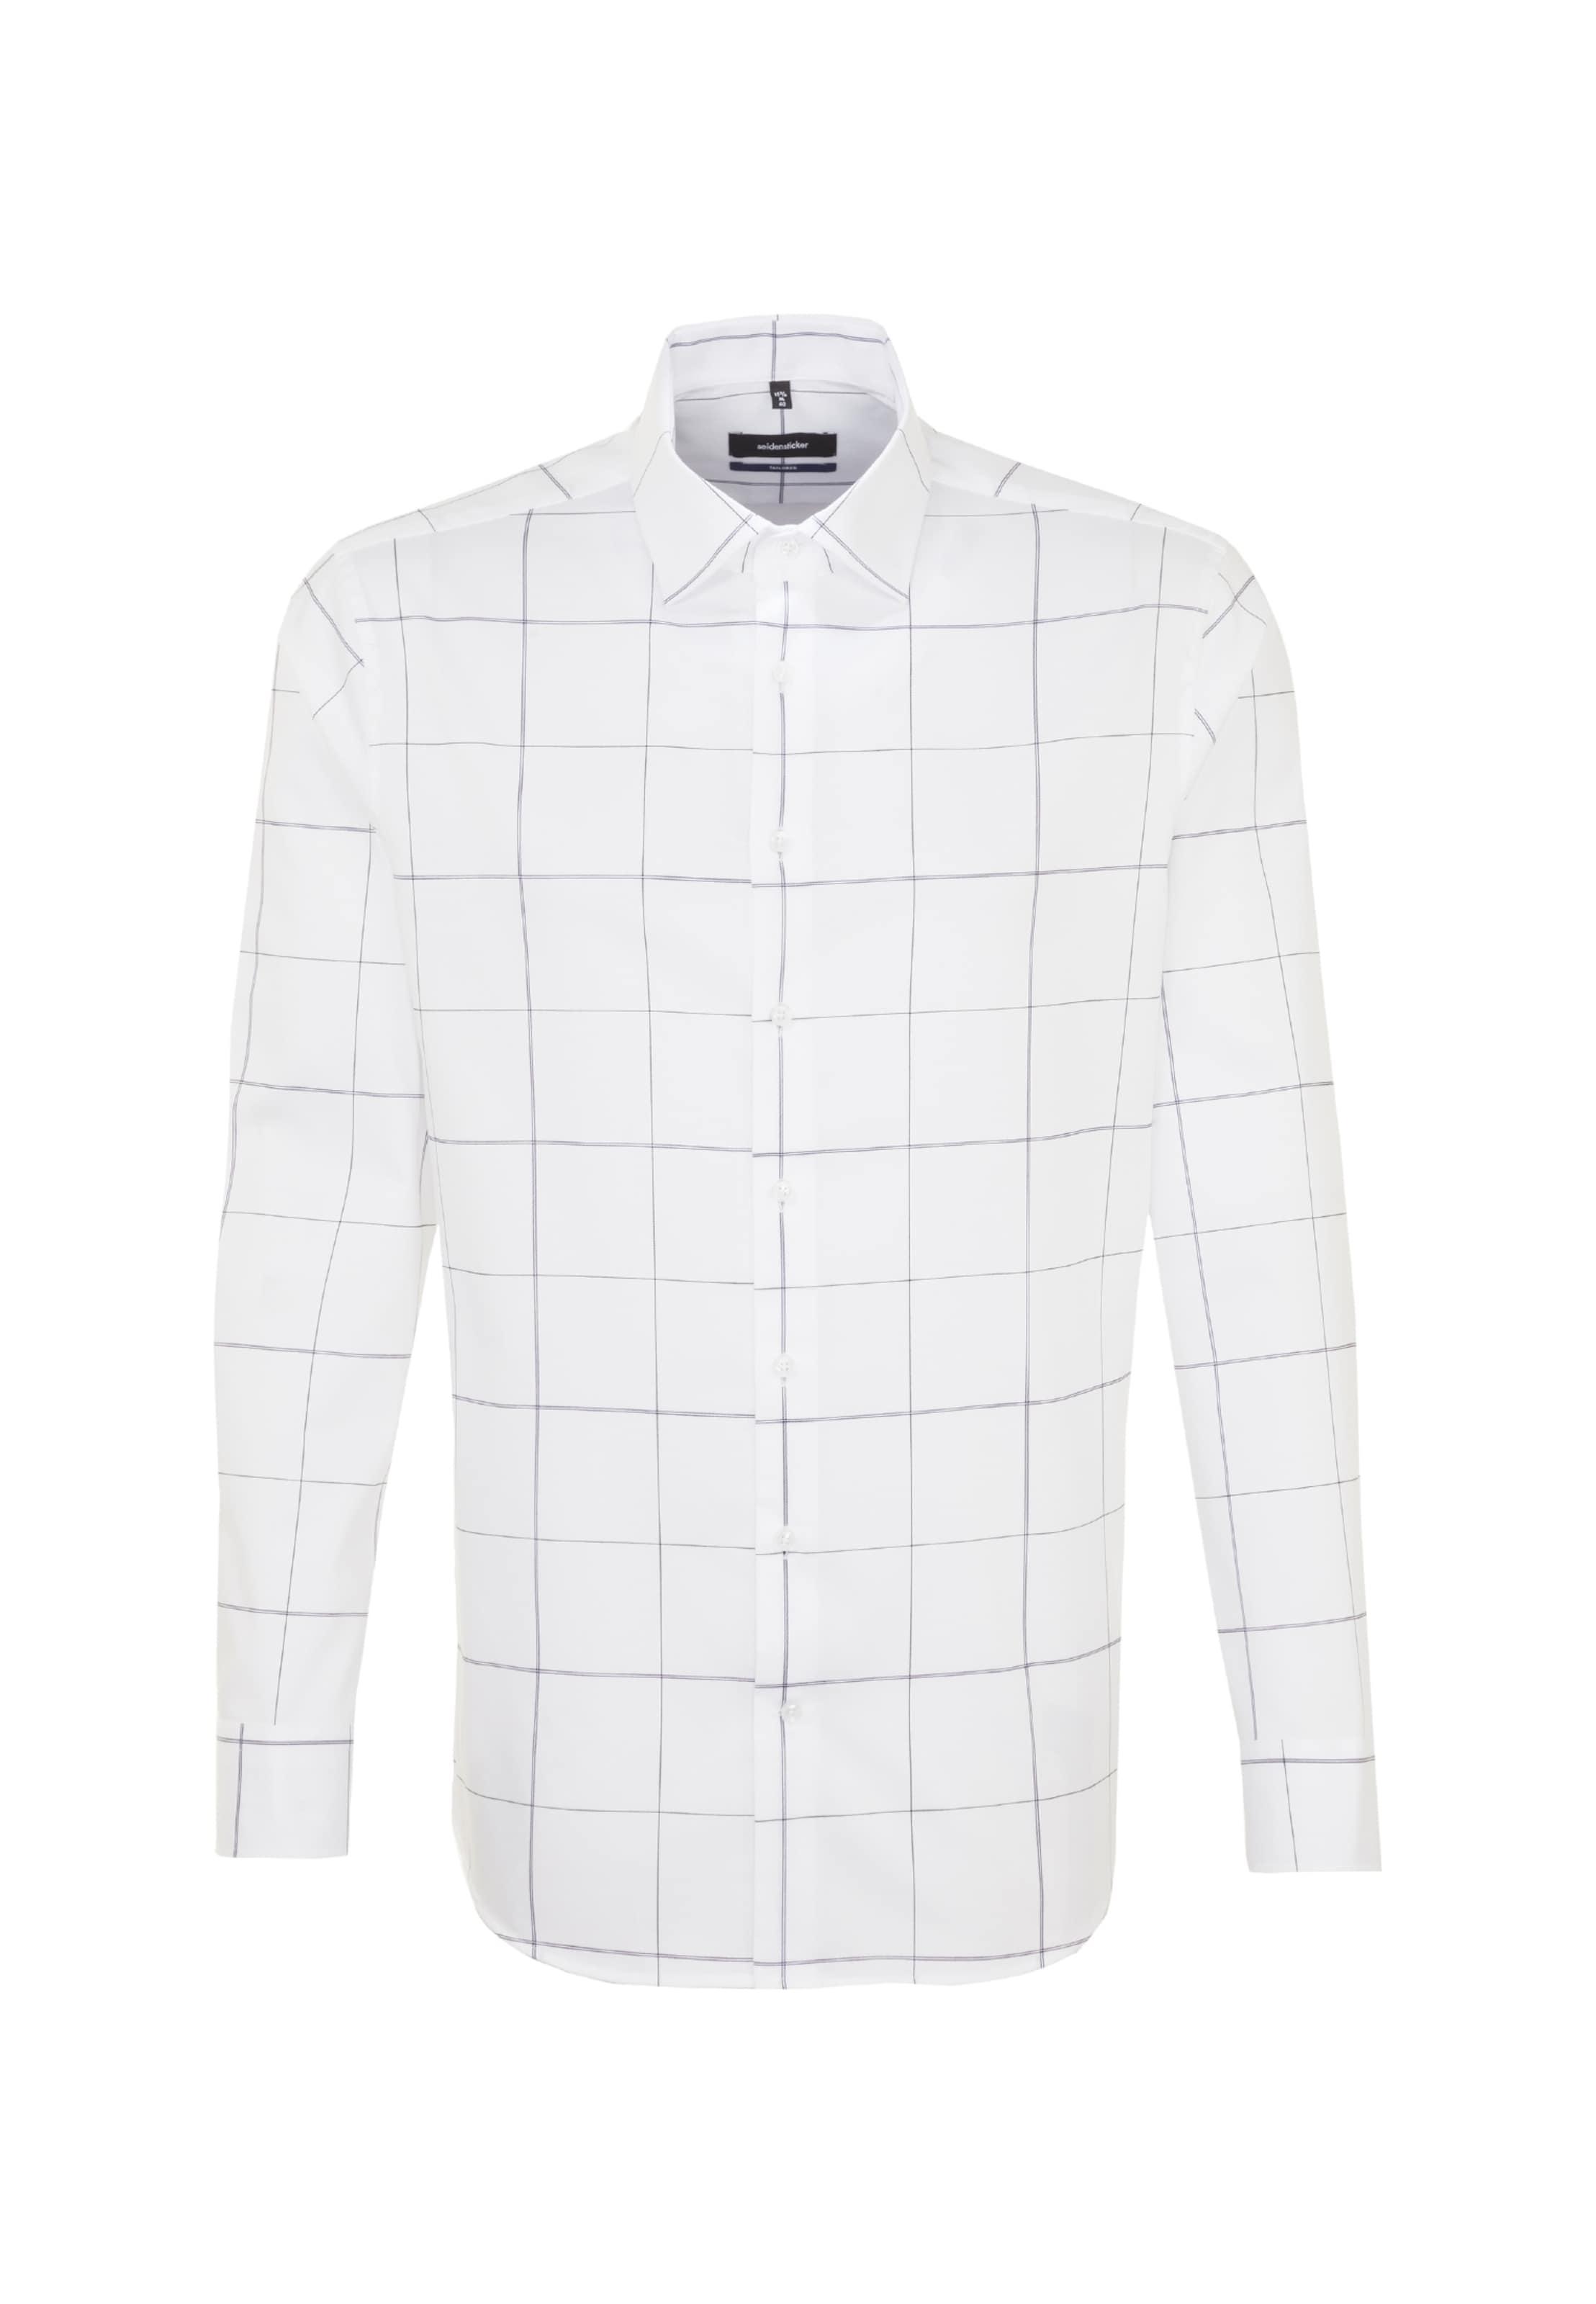 Weiß Seidensticker Hemd In Seidensticker Hemd 'tailored' uK3F15TlJc